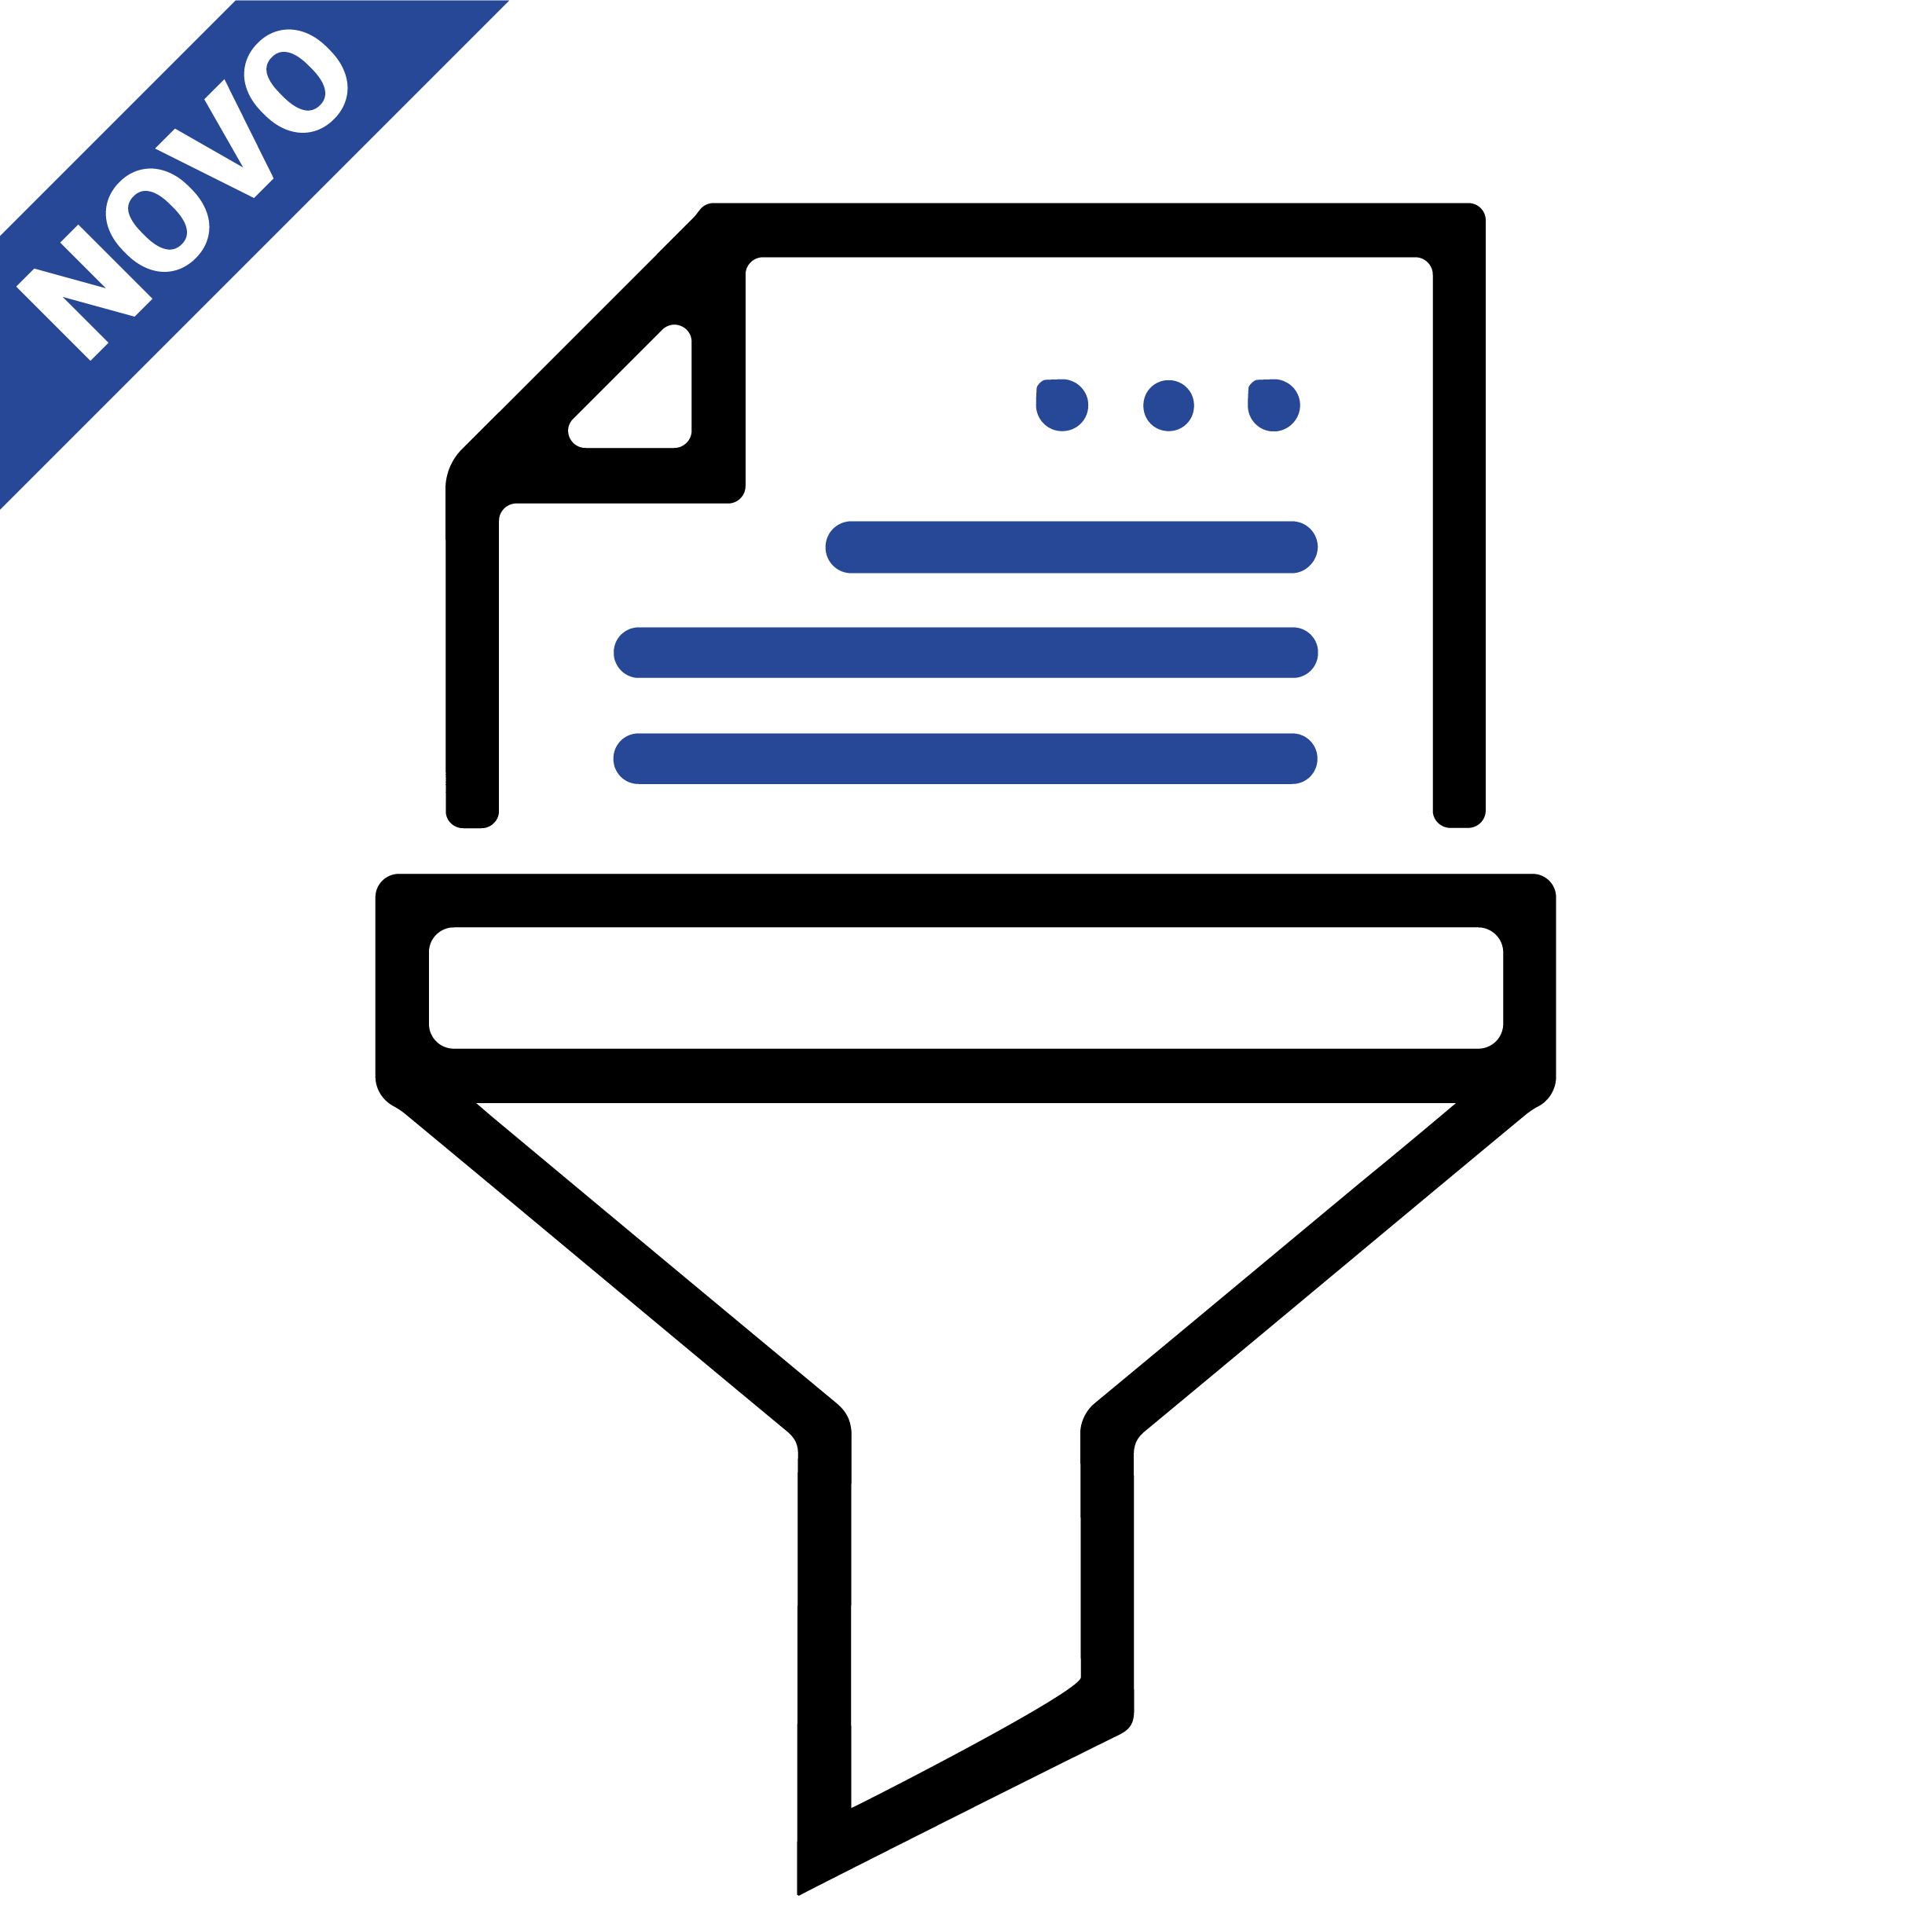 filtro-04 azul-01